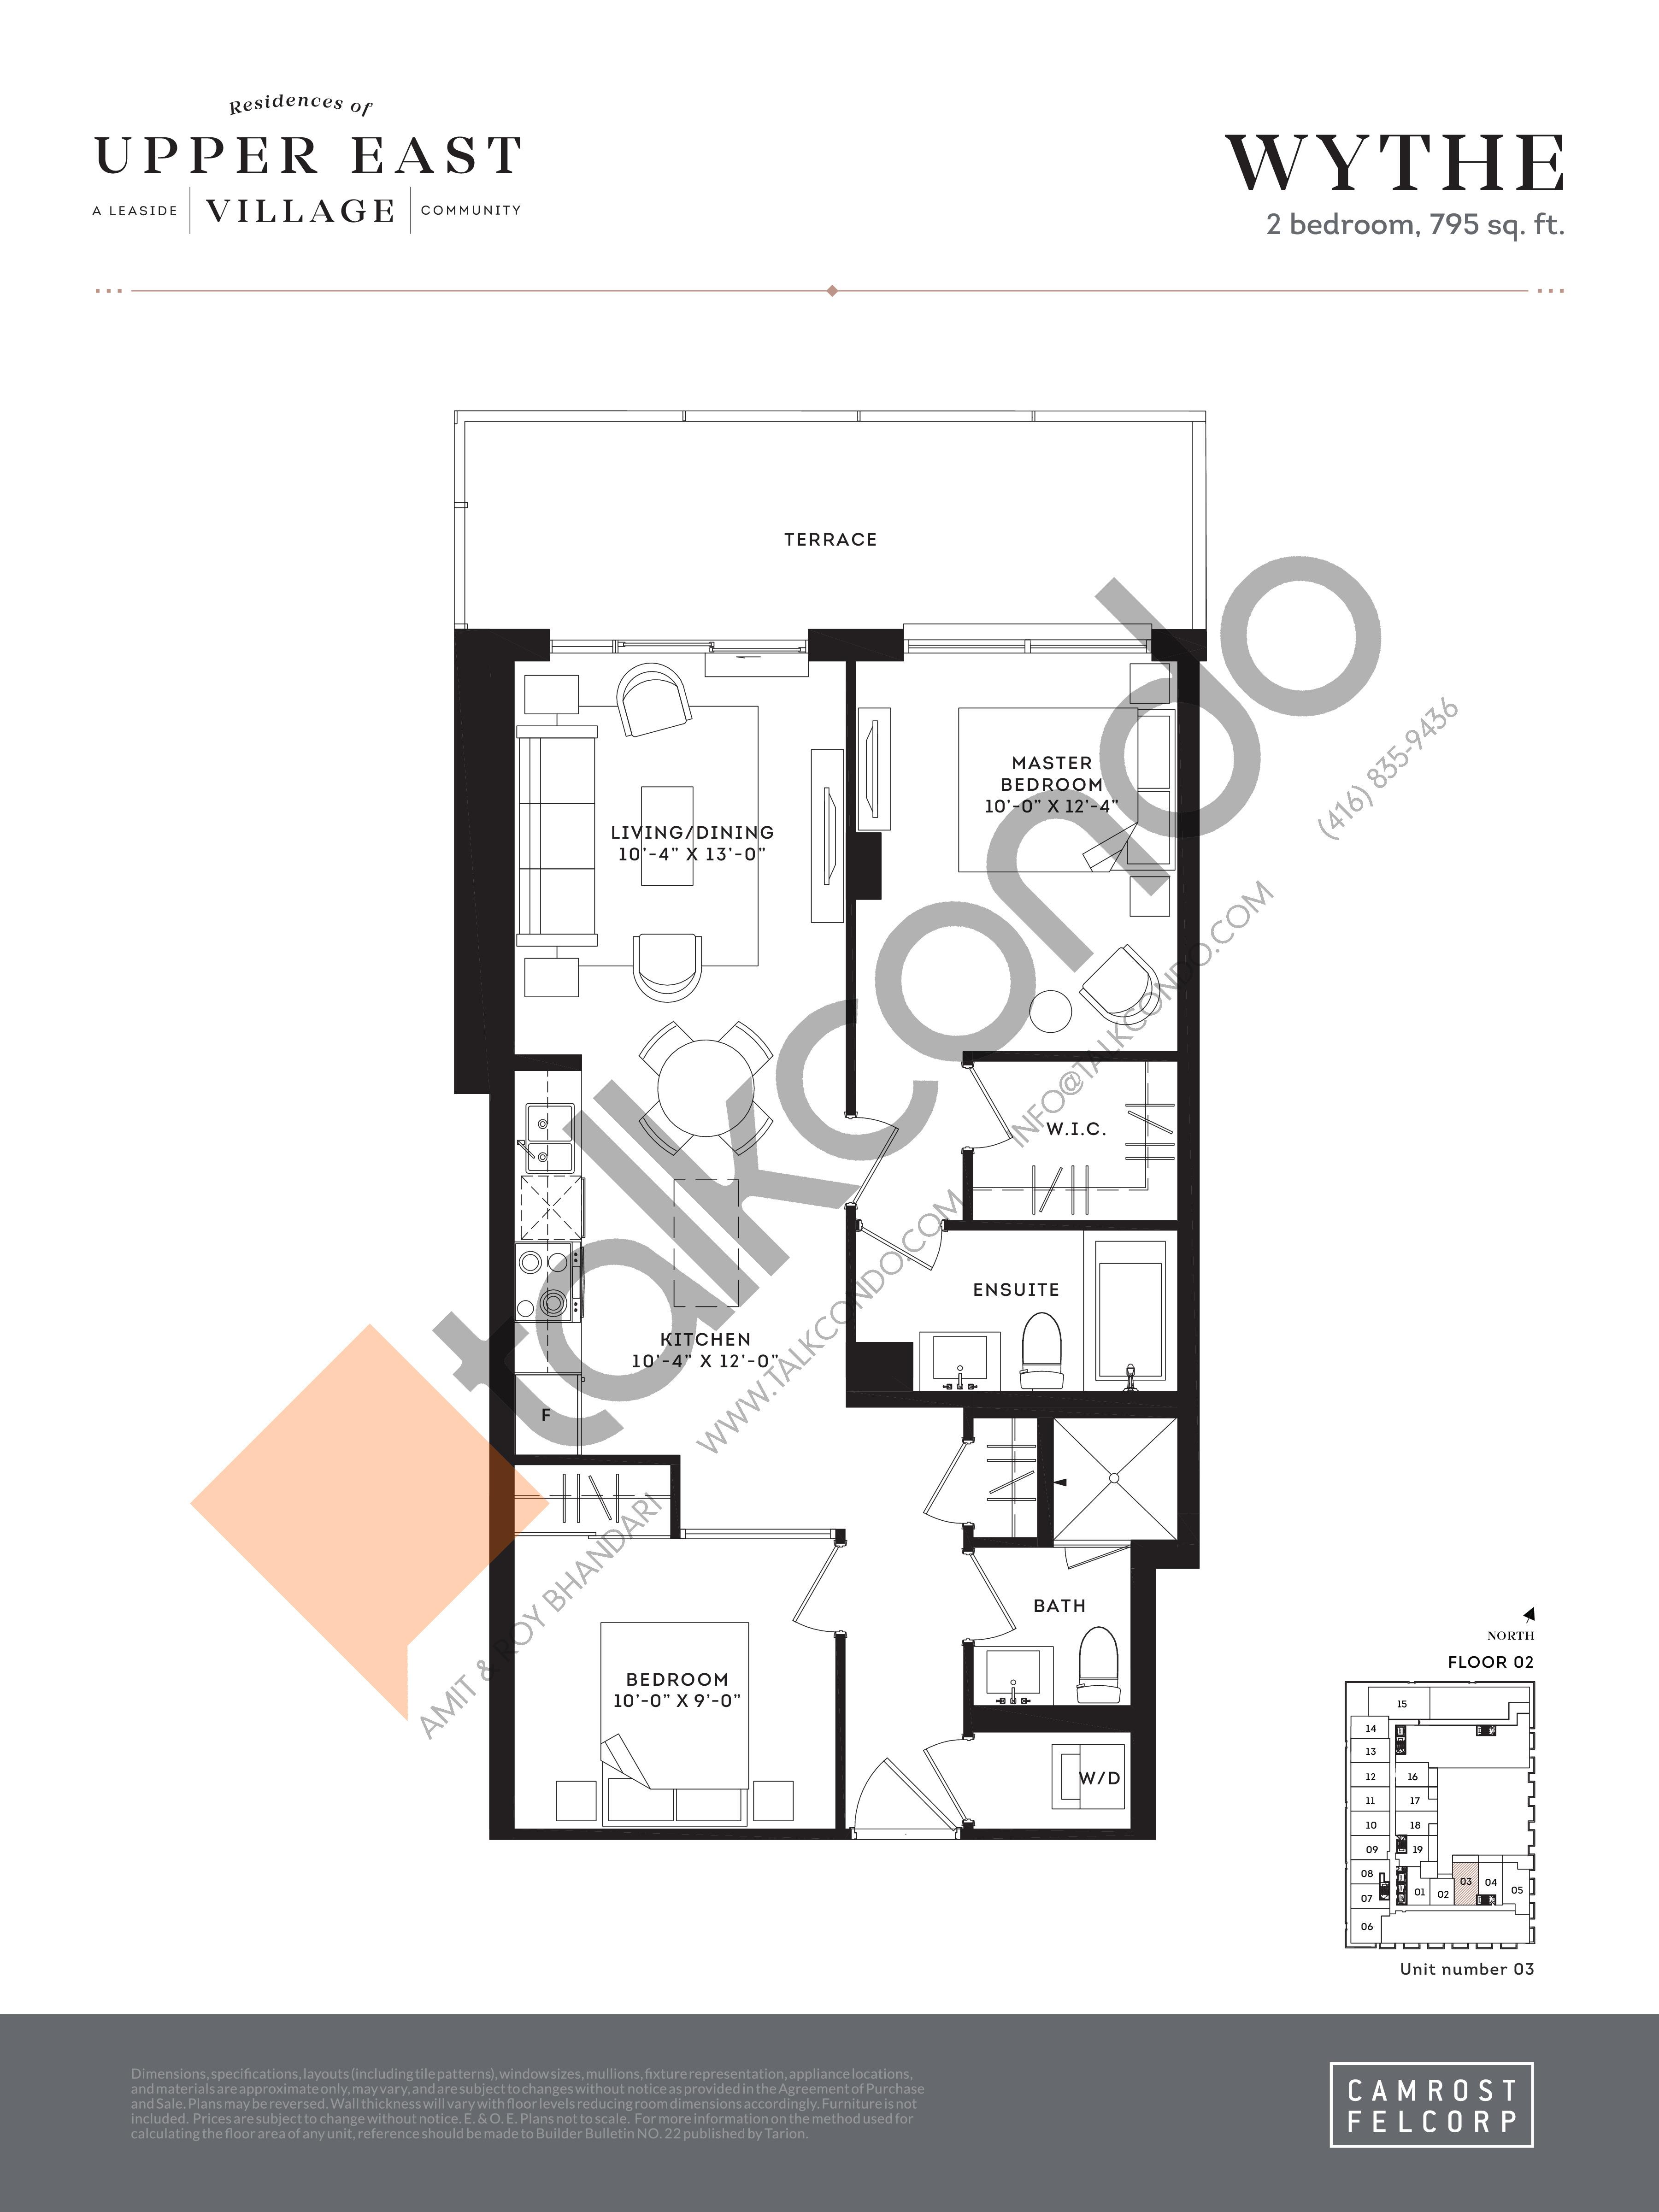 Wythe Floor Plan at Upper East Village Condos - 795 sq.ft